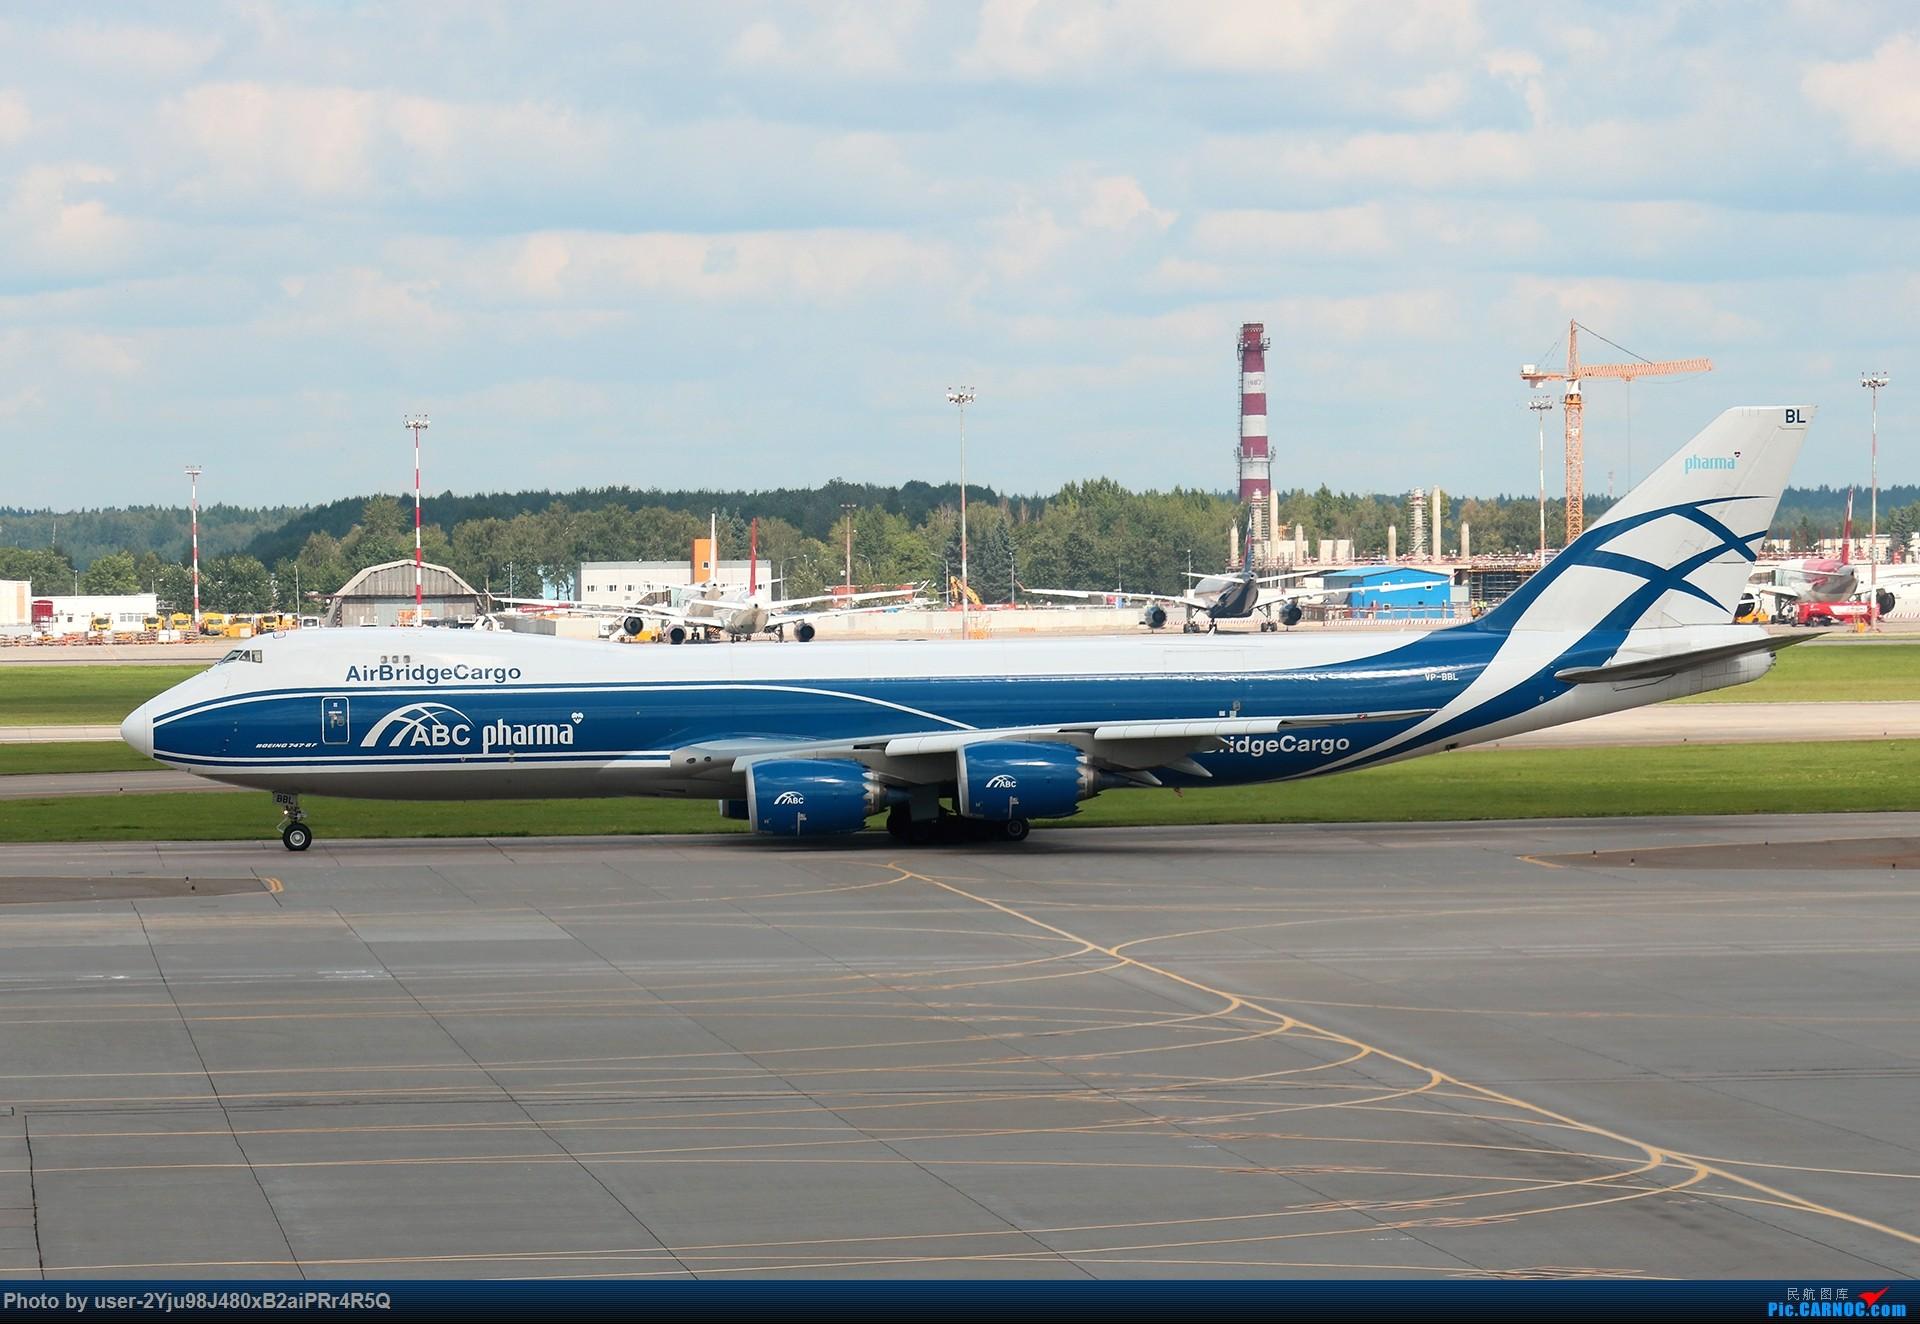 [原创]LIULIU|Sheremetyevo的漫游|俄罗斯空桥货运 BOEING 747-8F VP-BBL 俄罗斯谢诺梅杰沃机场